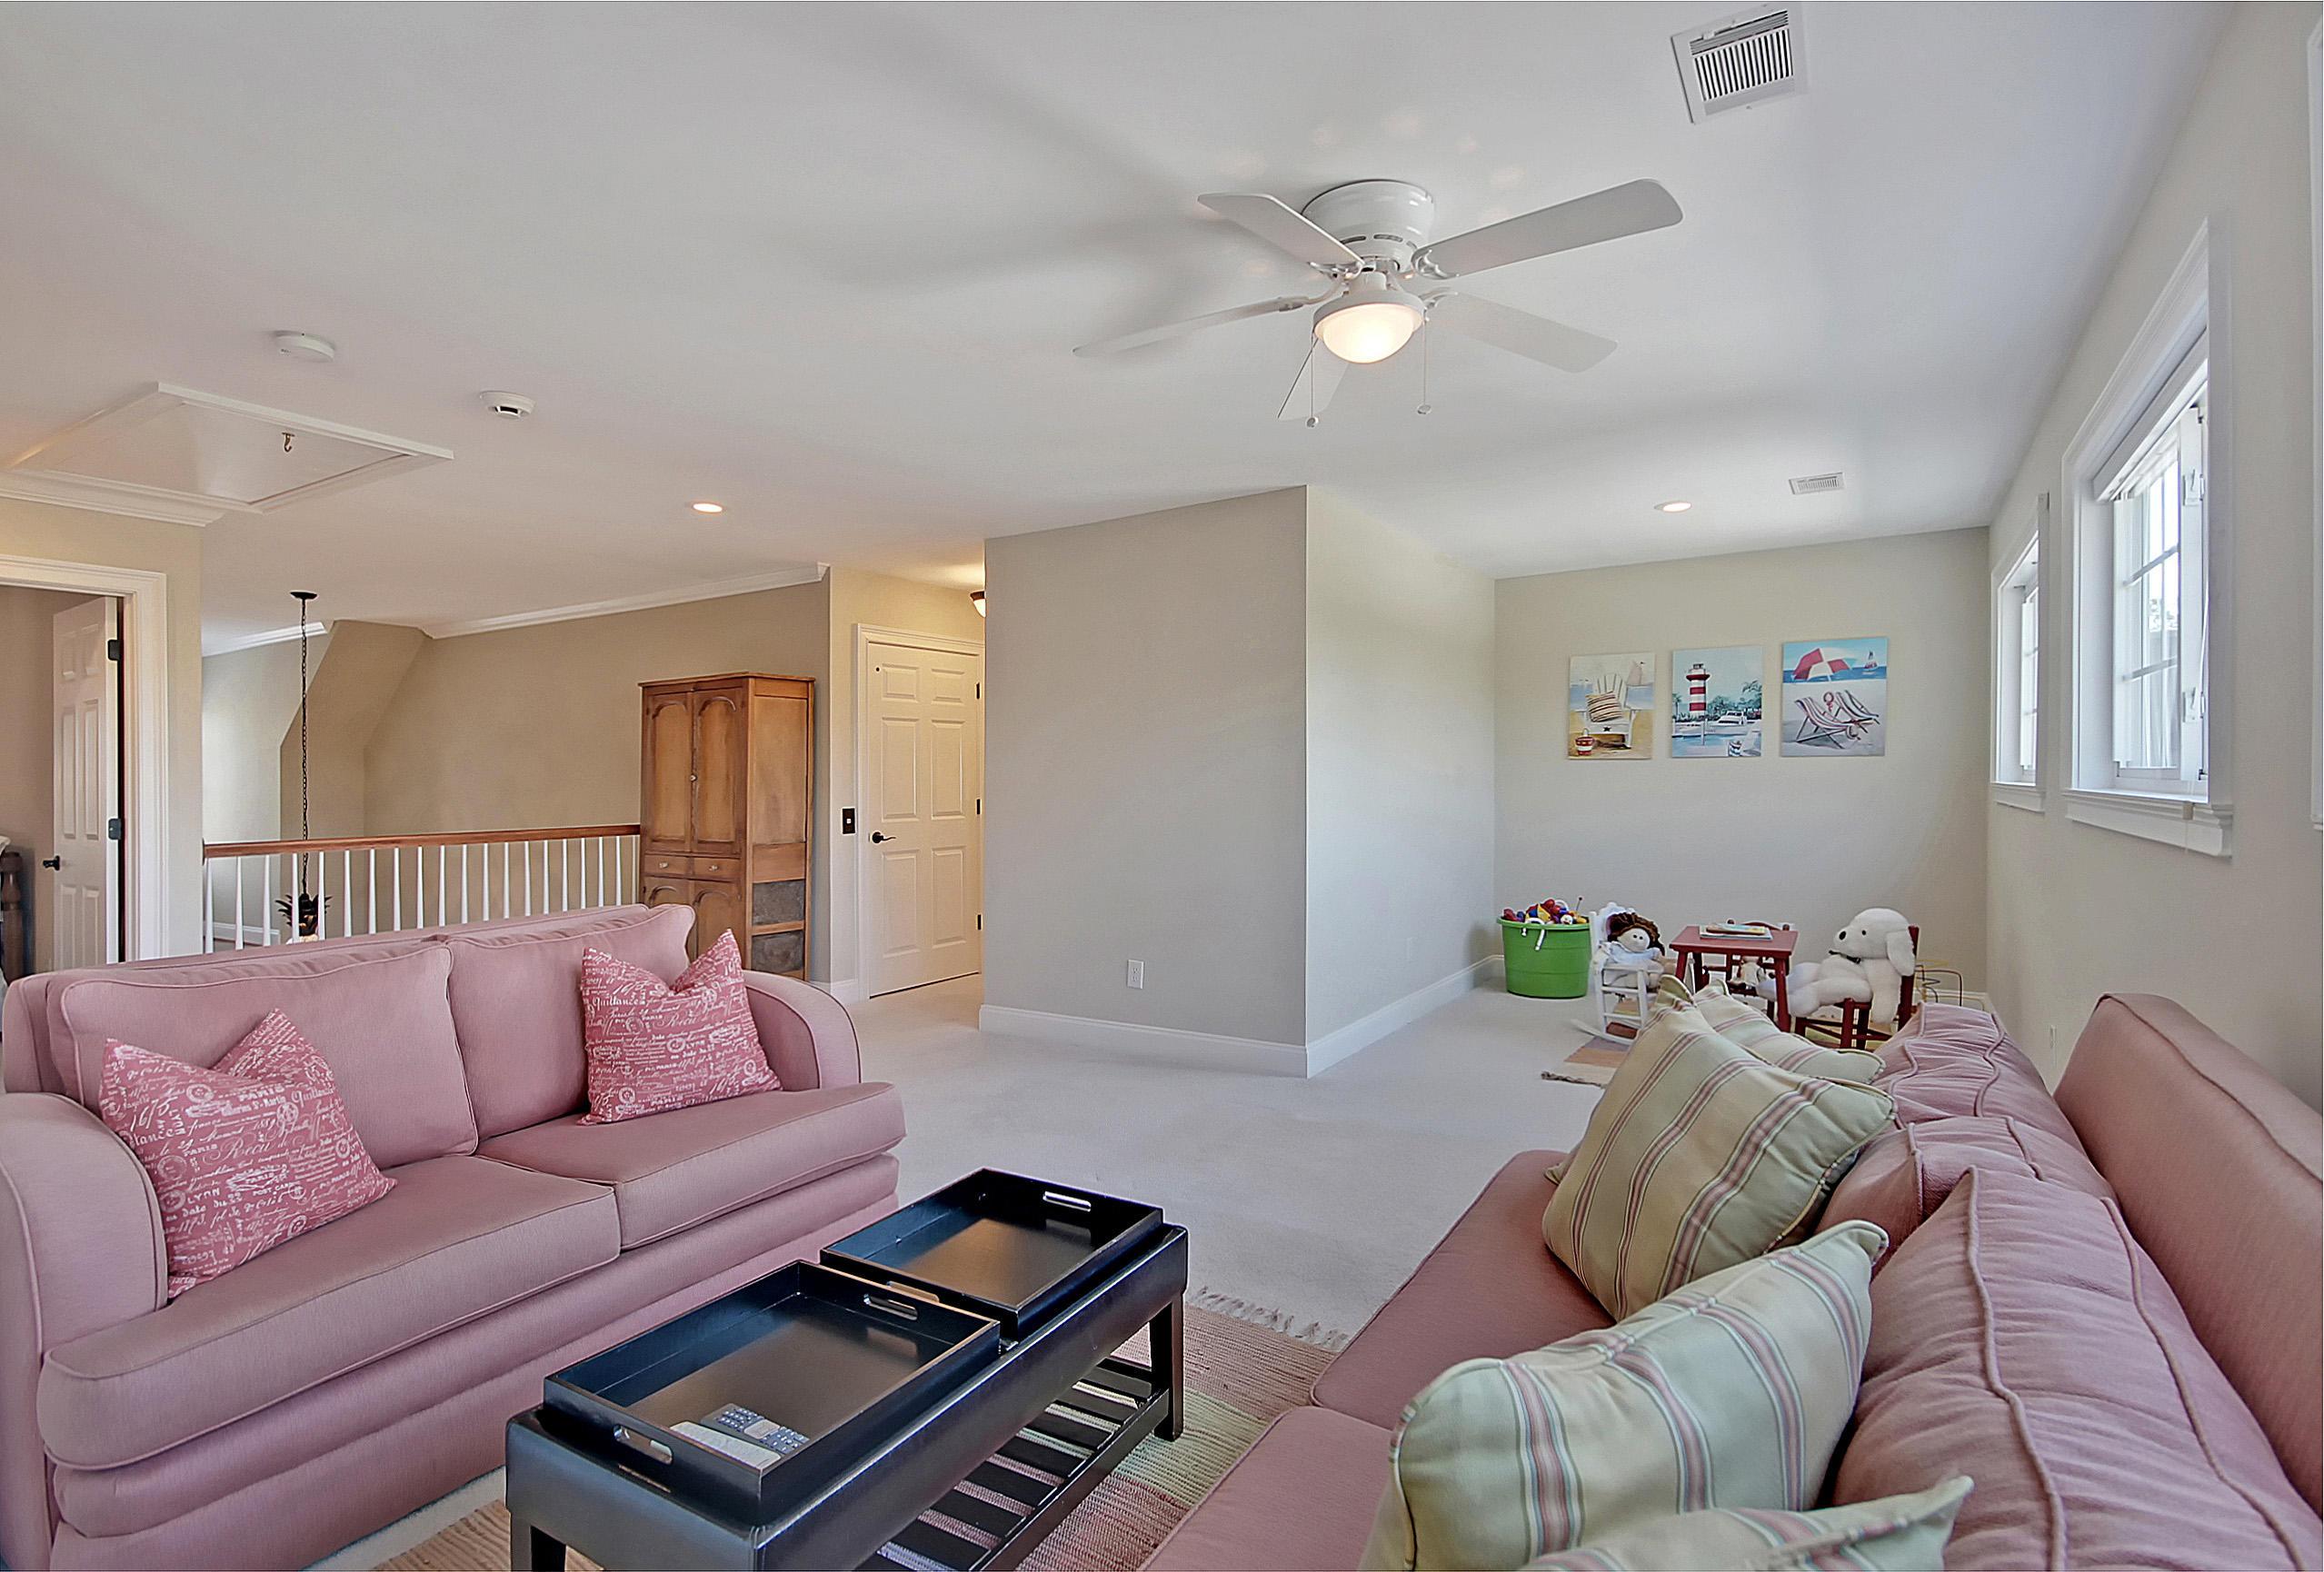 Dunes West Homes For Sale - 2721 Fountainhead, Mount Pleasant, SC - 77